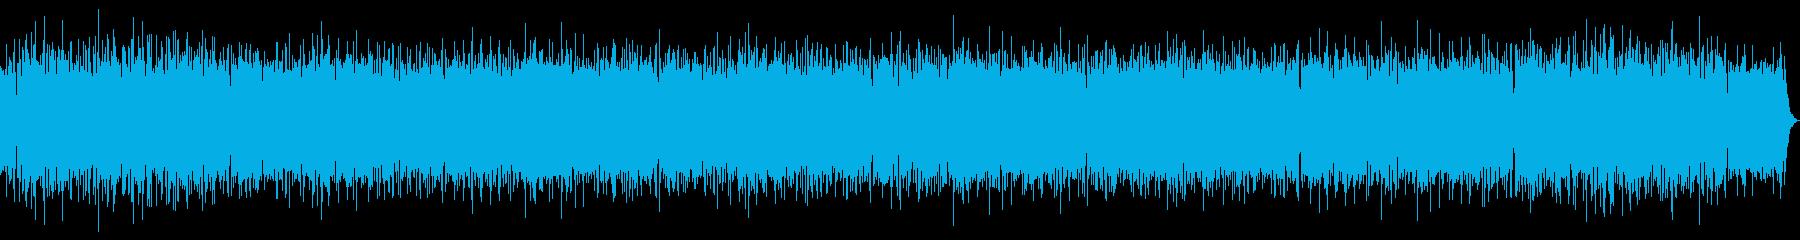 リラックスムードのおしゃれボサノバの再生済みの波形